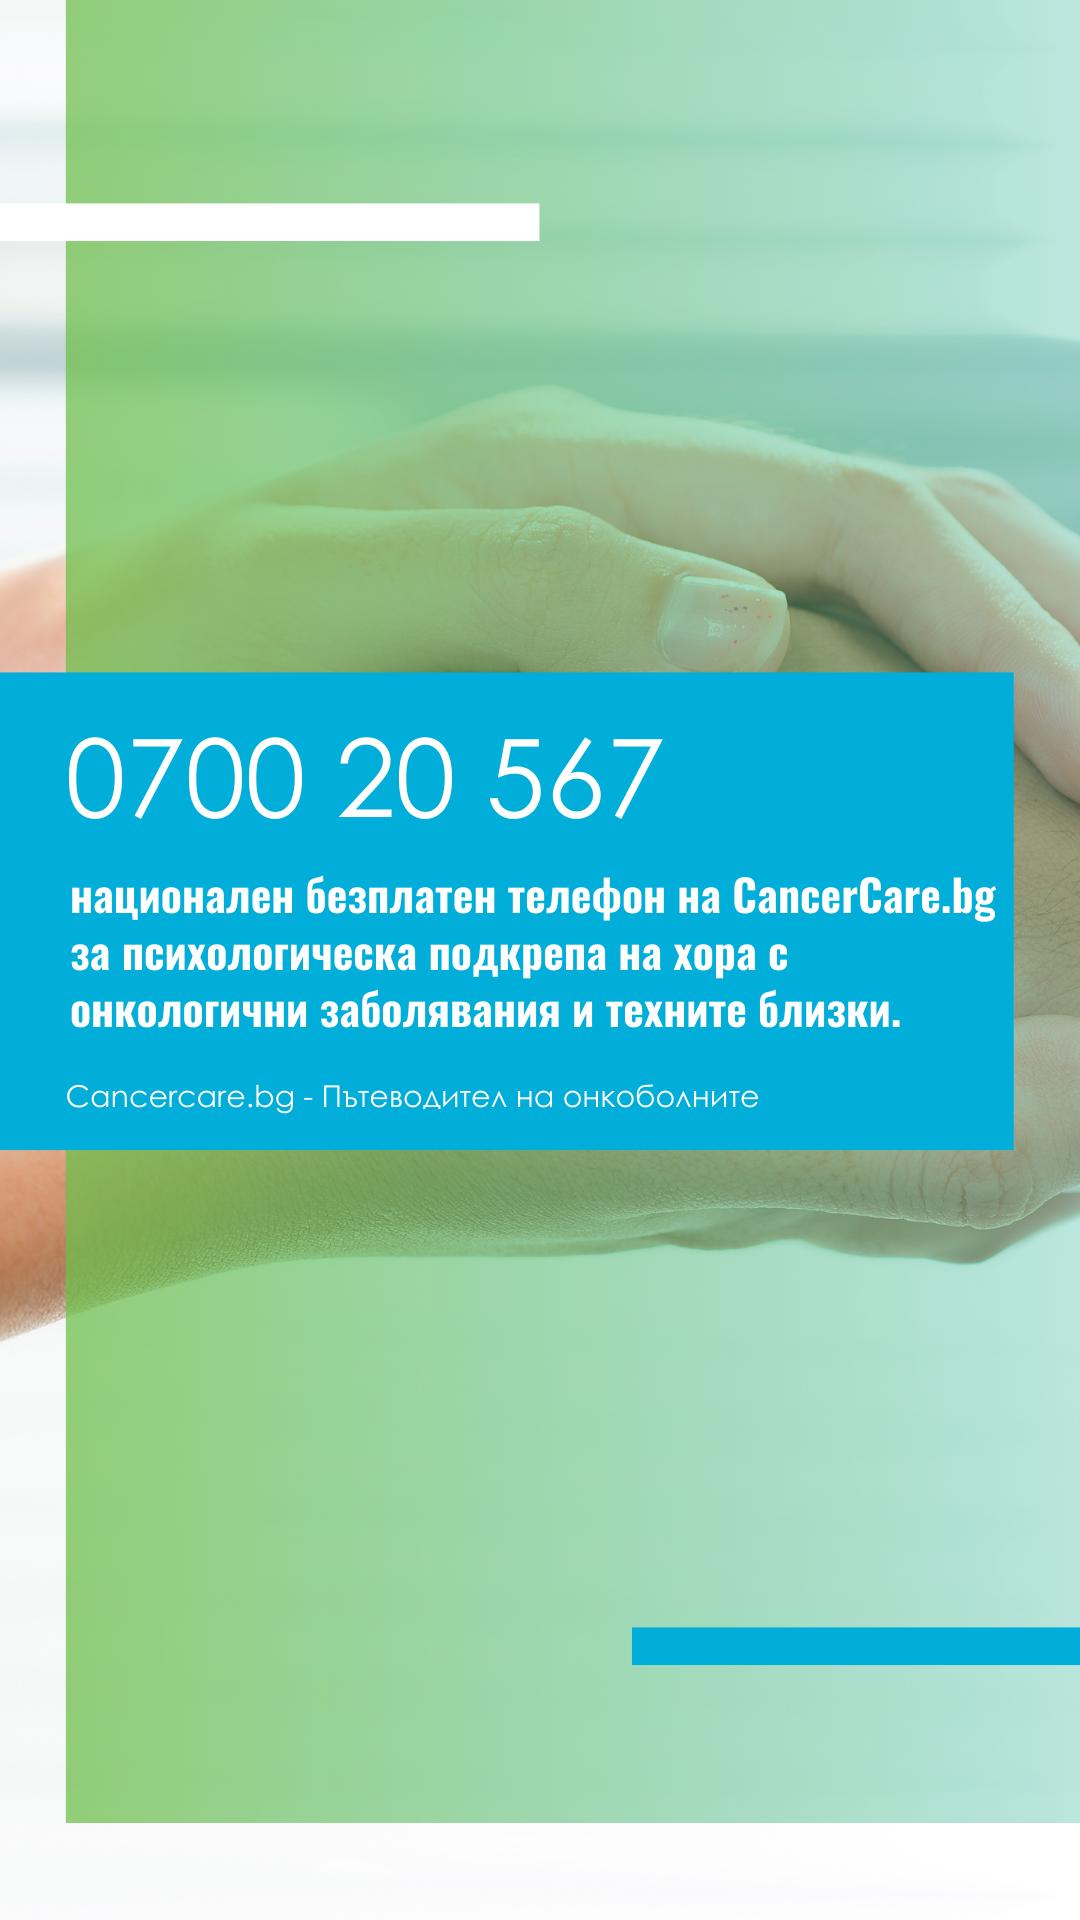 0700 20 567 – Национален безплатен телефон за психологическа подкрепа на пациенти с онкологични заболявания